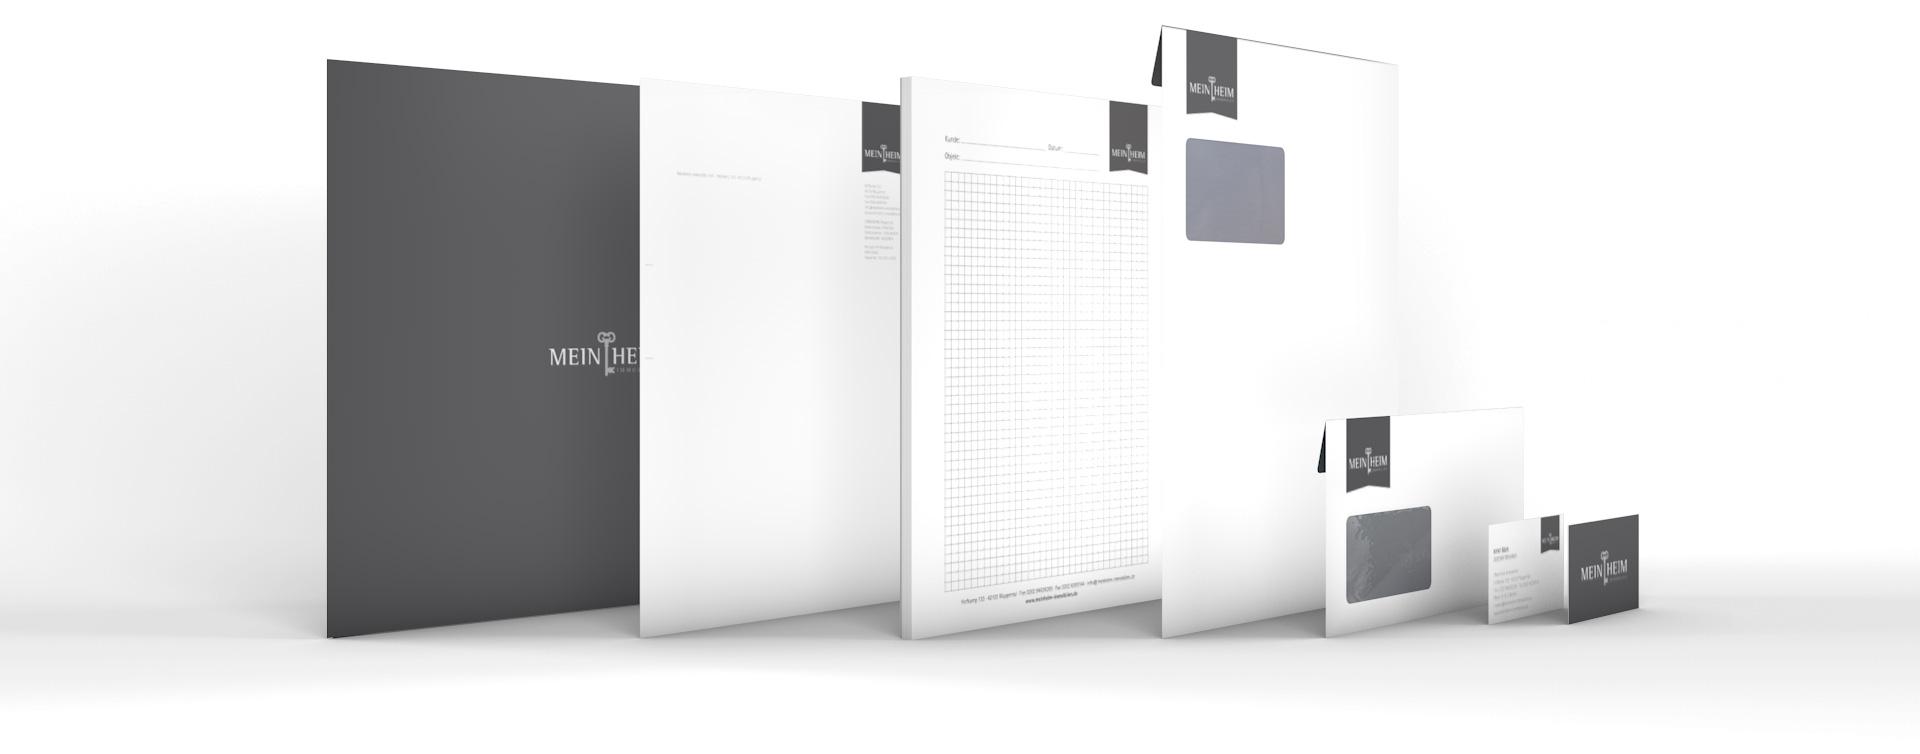 Produkte aus dem Corporate Design für MeinHeim Immobilien